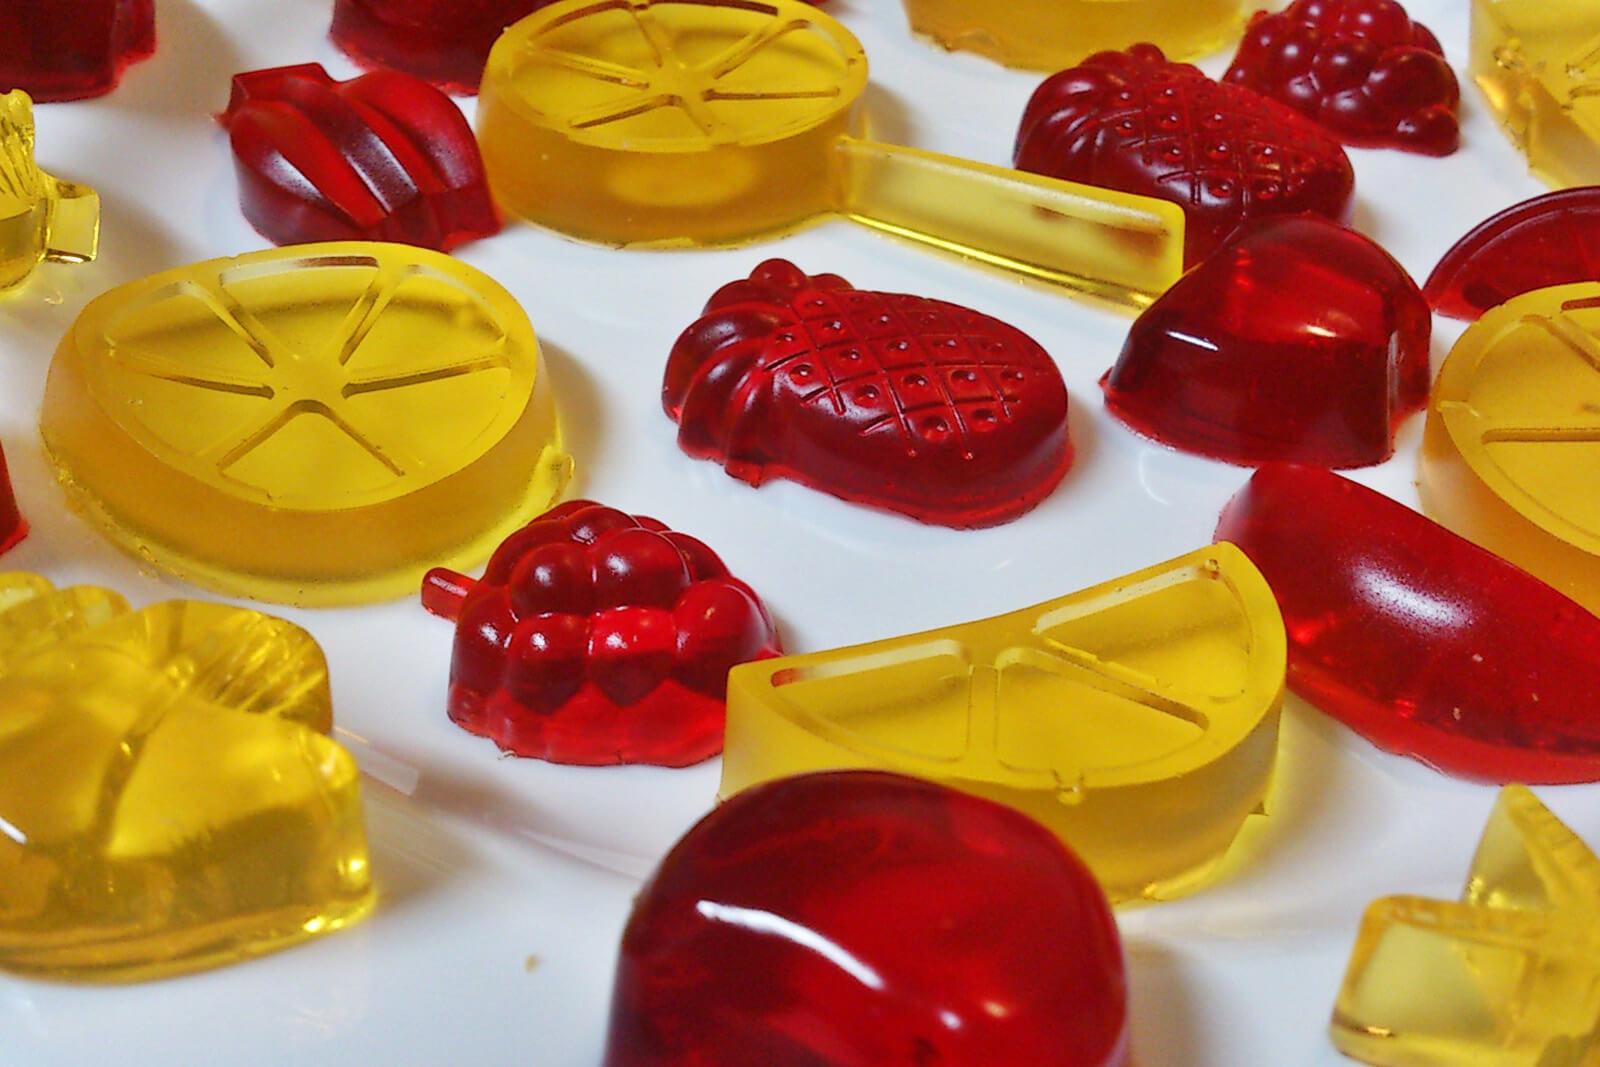 gomas gelatina - Lanches saudáveis para a escola